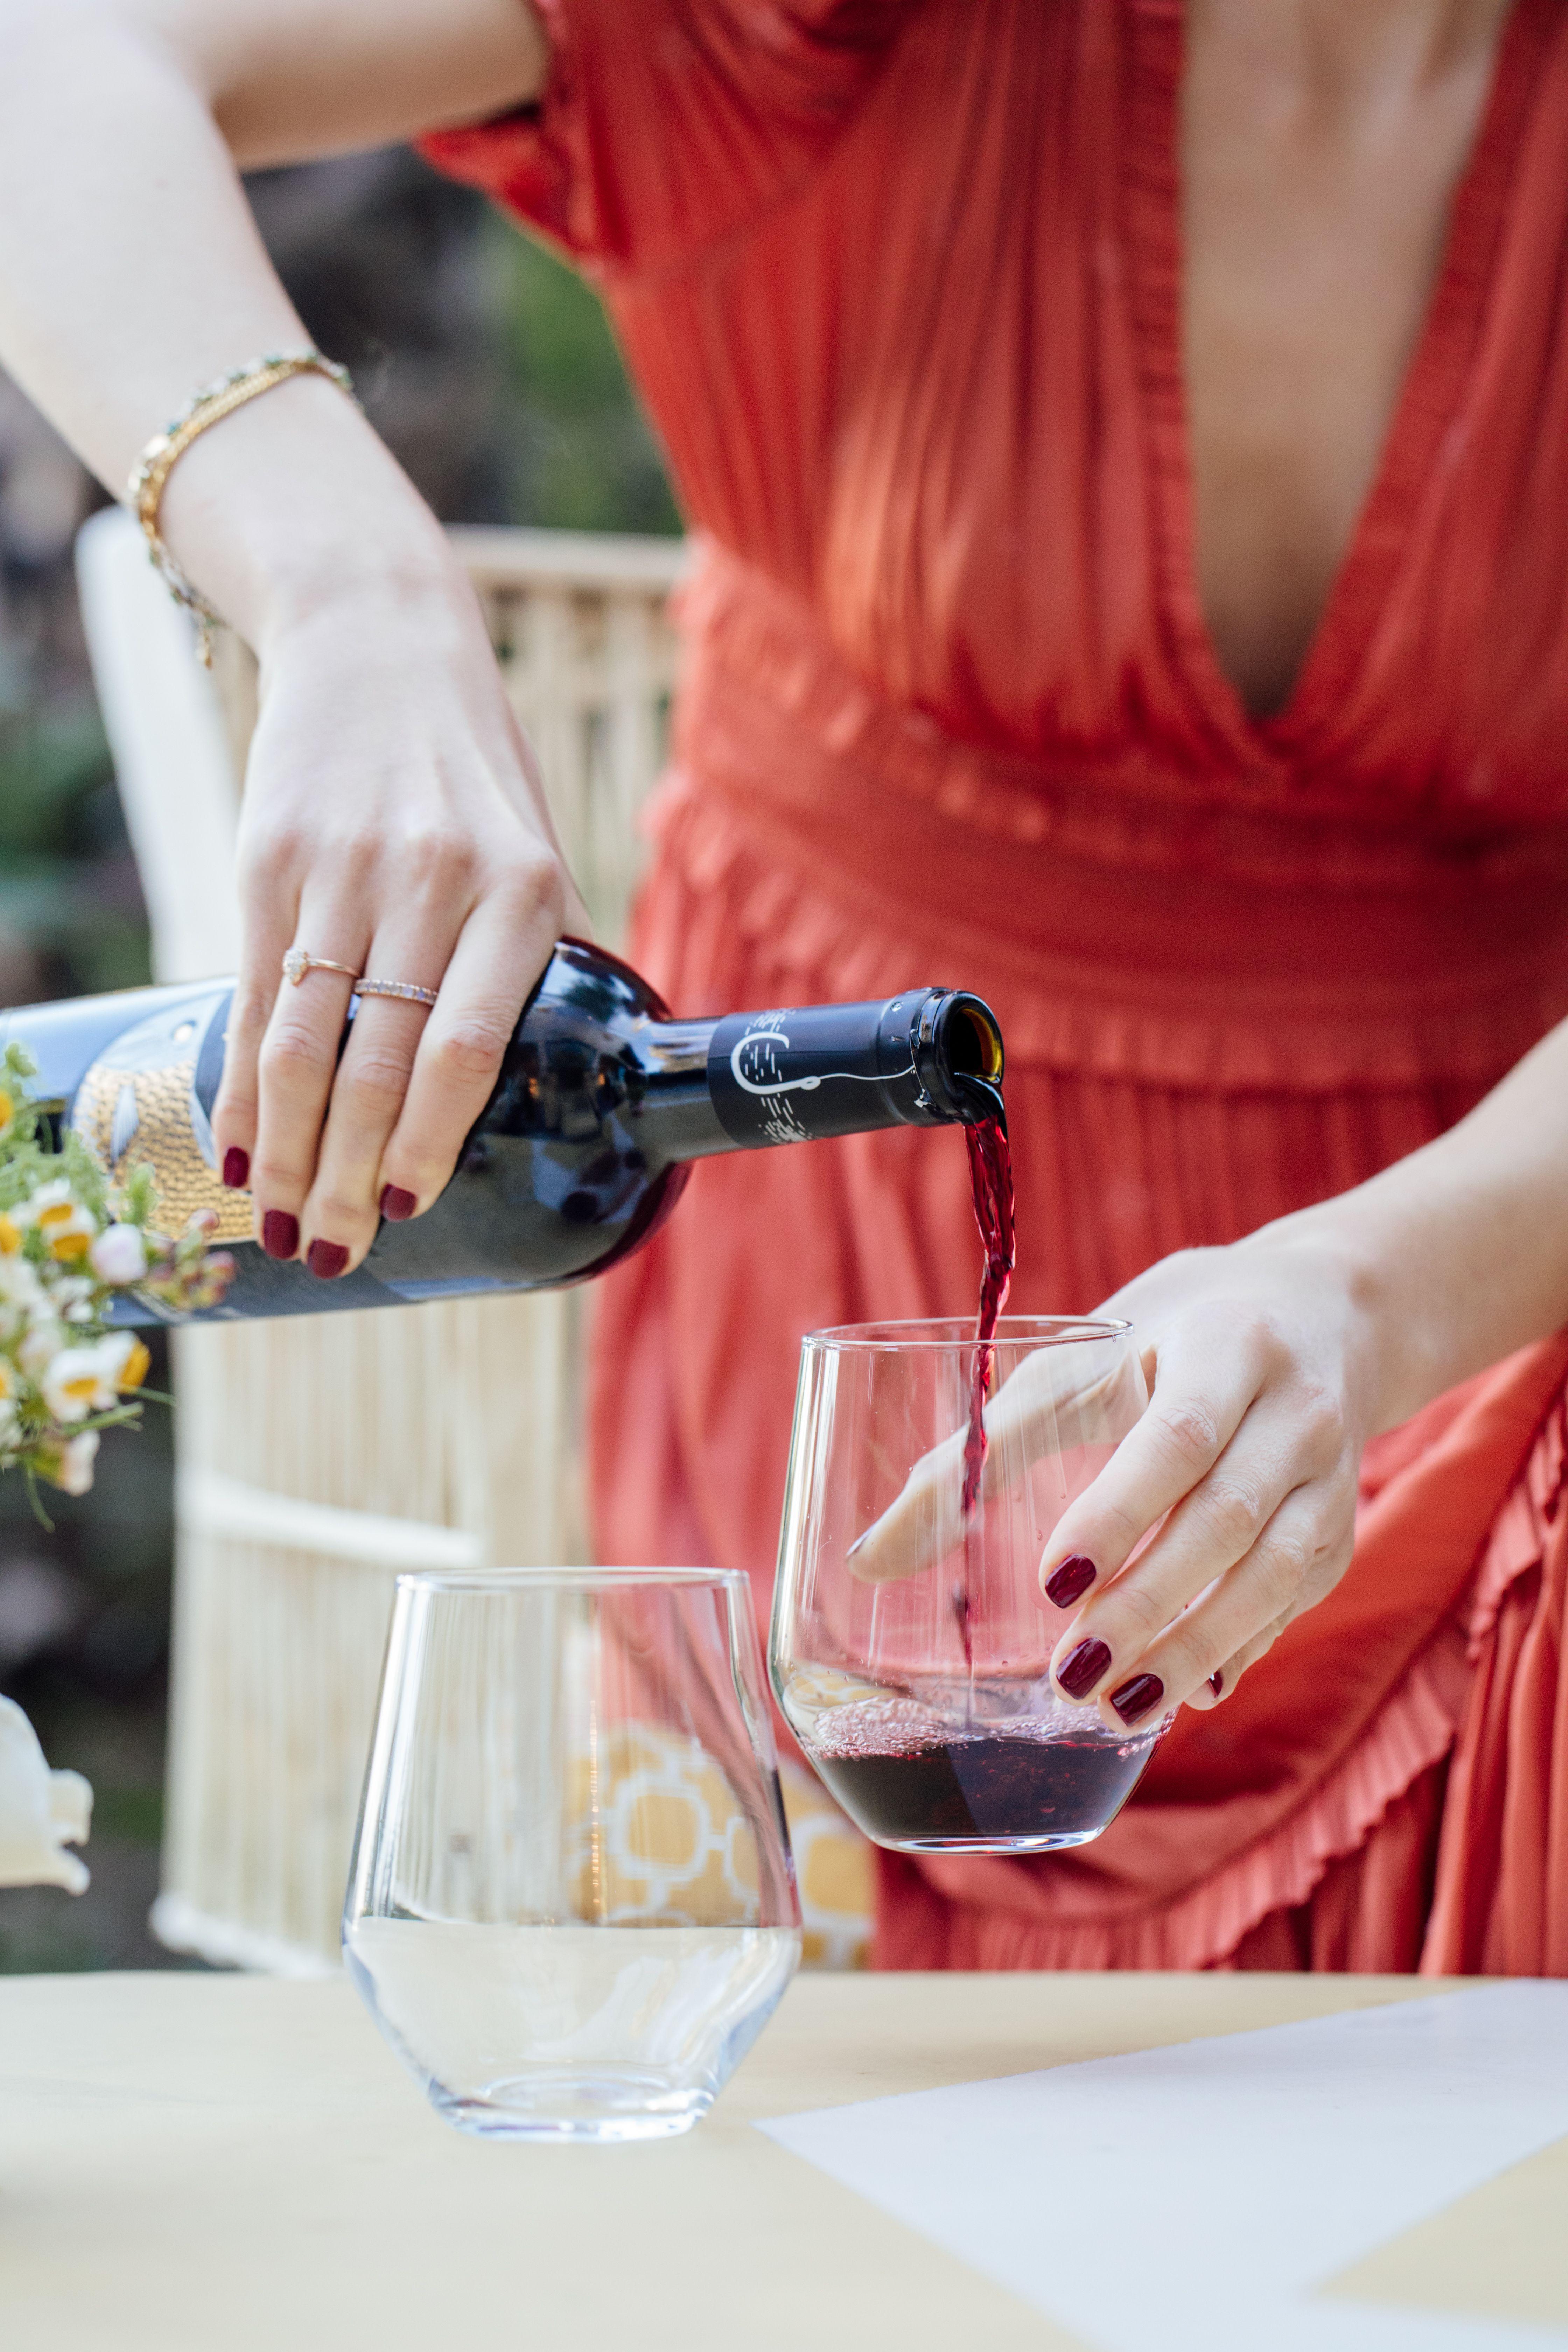 Malaga Wine Infinite Shine In 2020 Malaga Wine Long Lasting Nail Polish Red Nail Polish